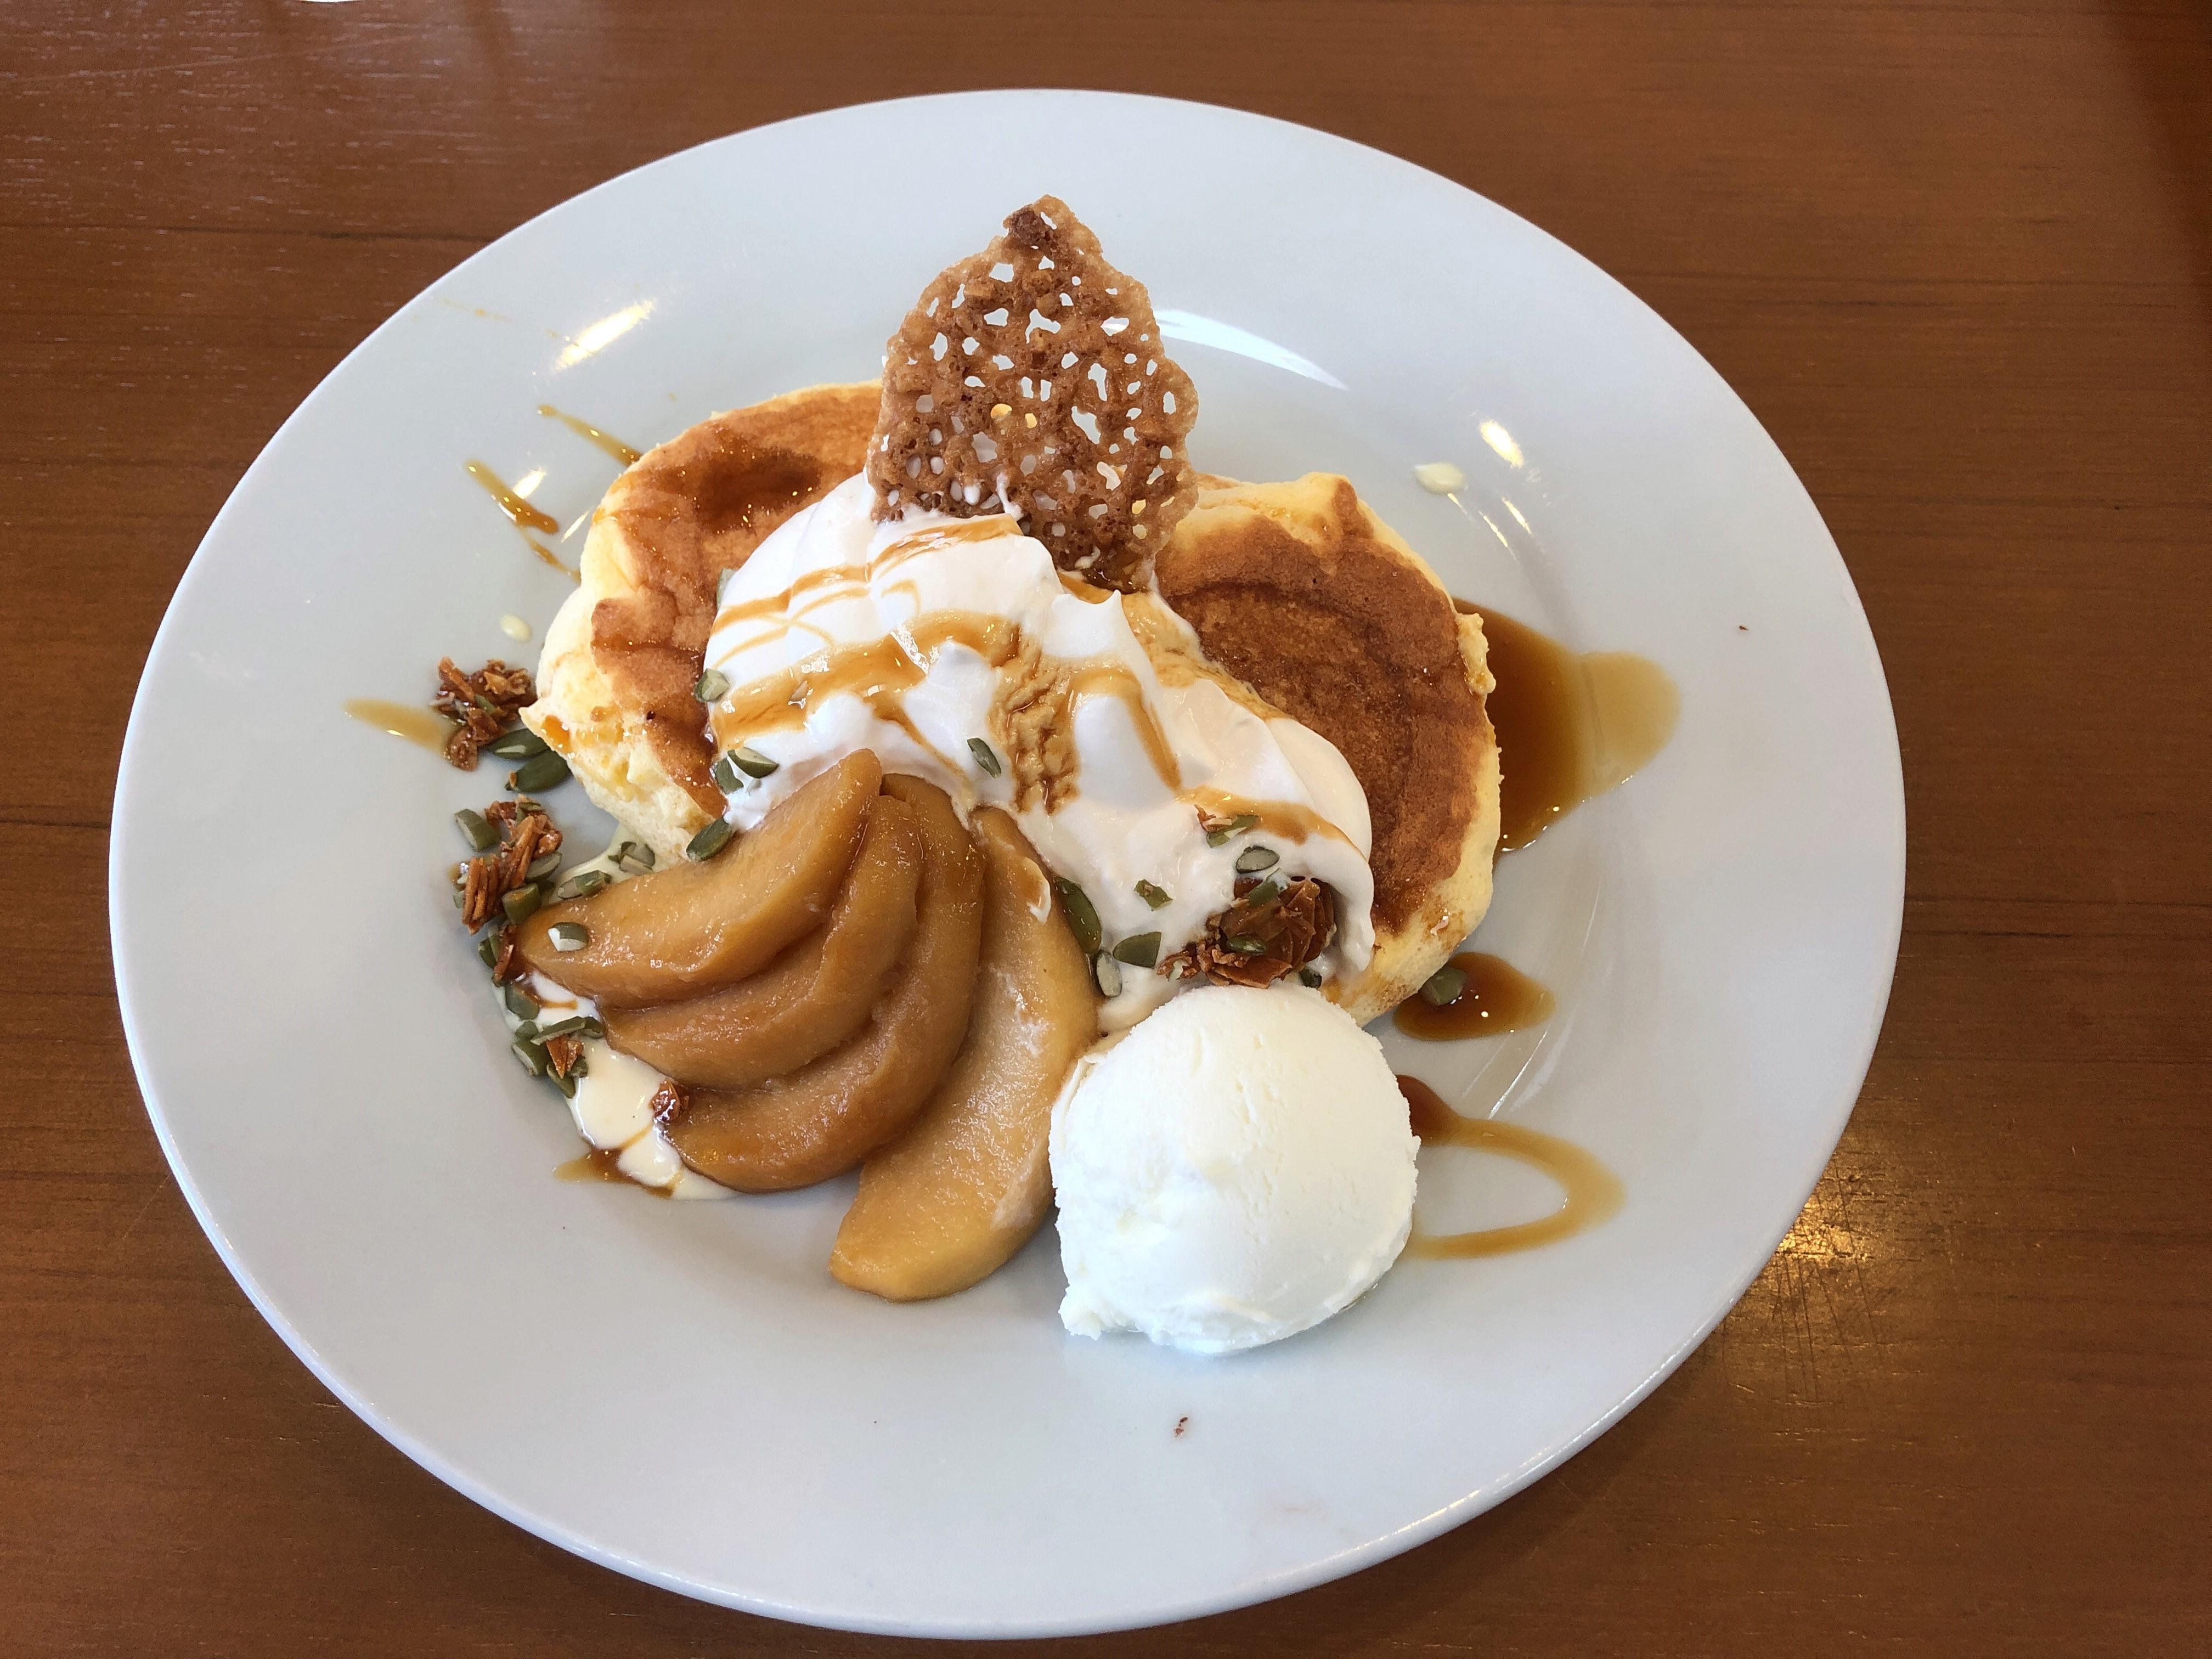 黒田養蜂園直営のカフェハニービー、SNS映え間違い無しのパンケーキを30代おっさんが一人で食べてきた